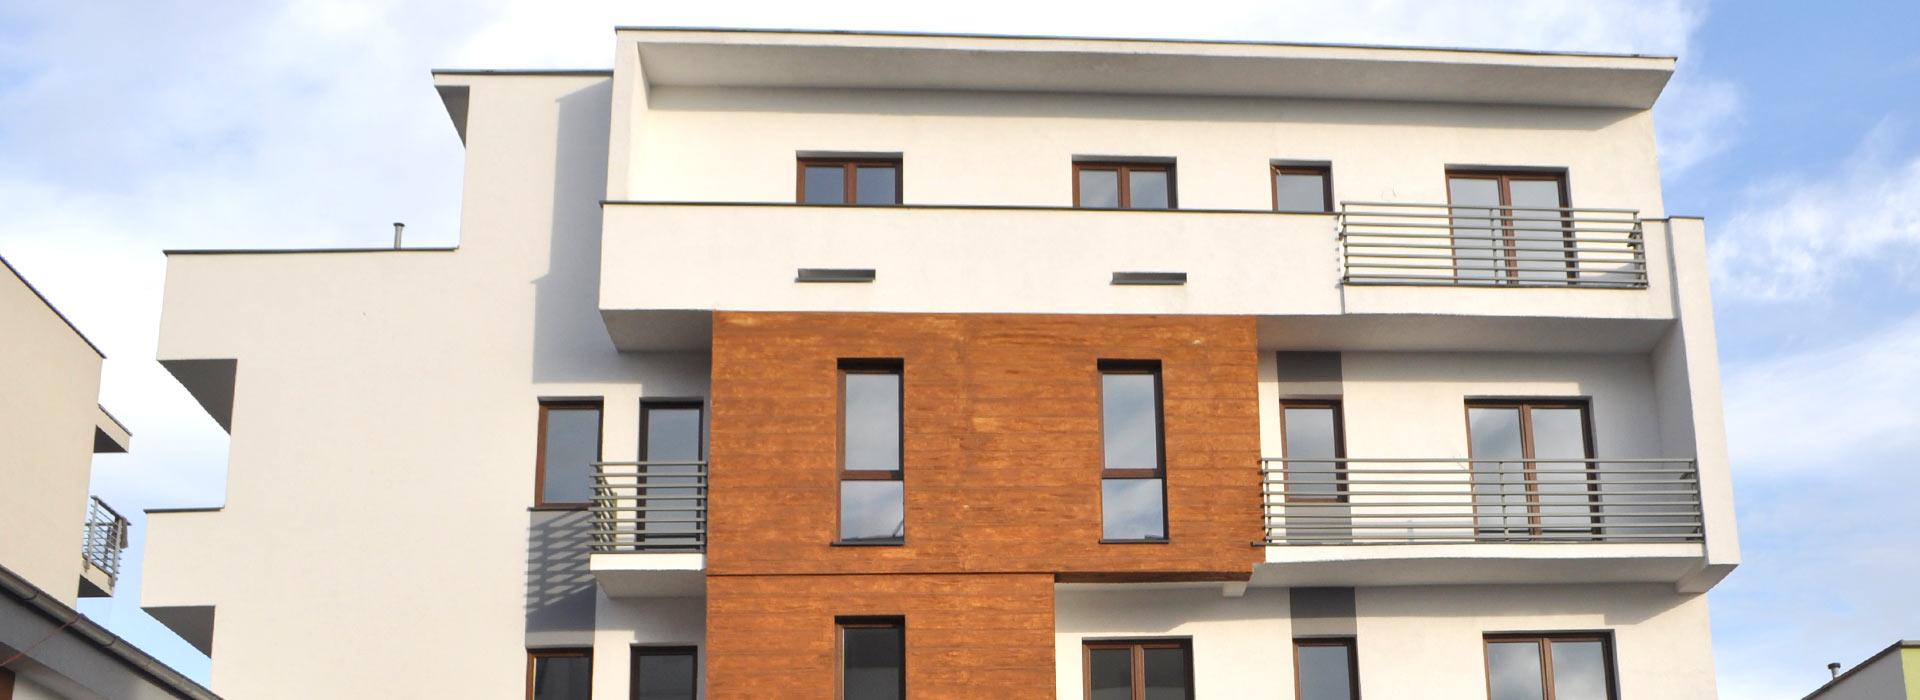 Nowe mieszkania Bydgoszcz Grunwaldzka